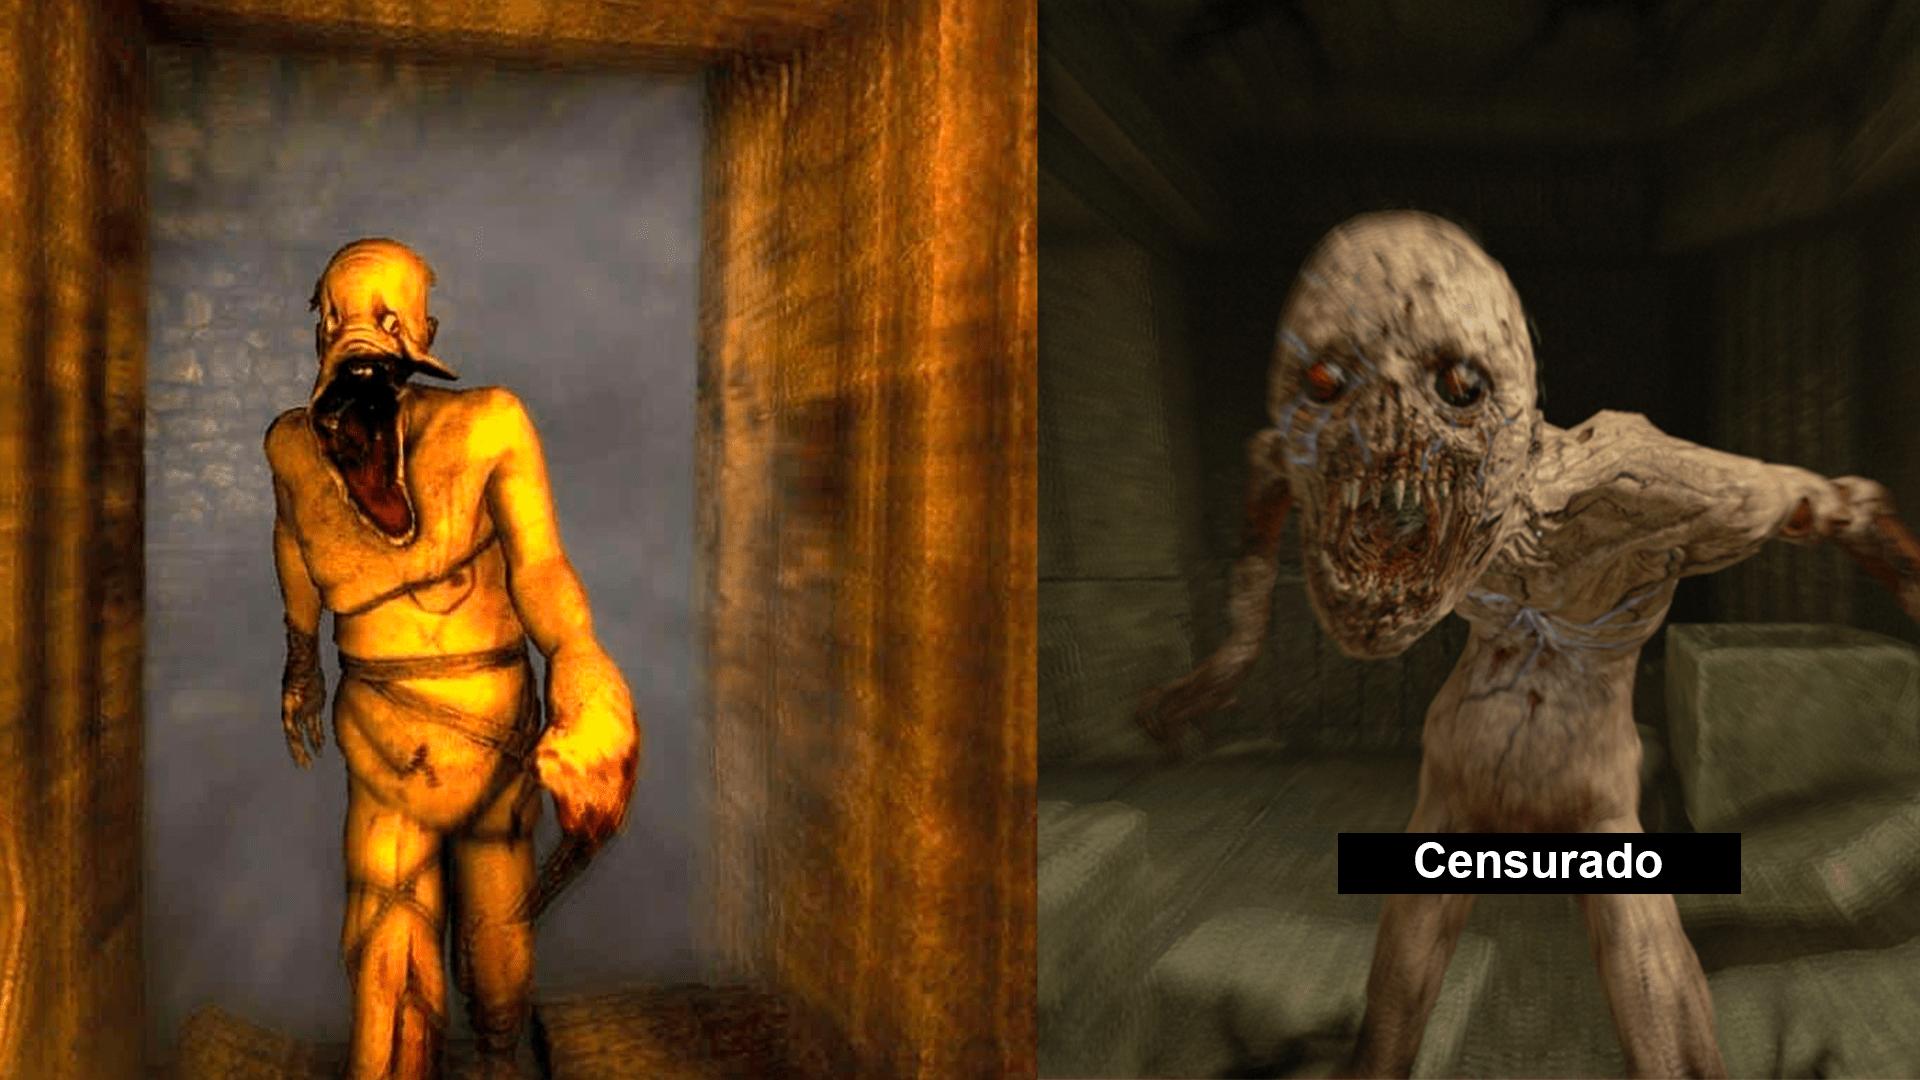 Qual monstro te parece mais genérico: à esquerda, os Grunhidos (The Dark Descent) ou à direita, os Ghouls (Rebirth)?